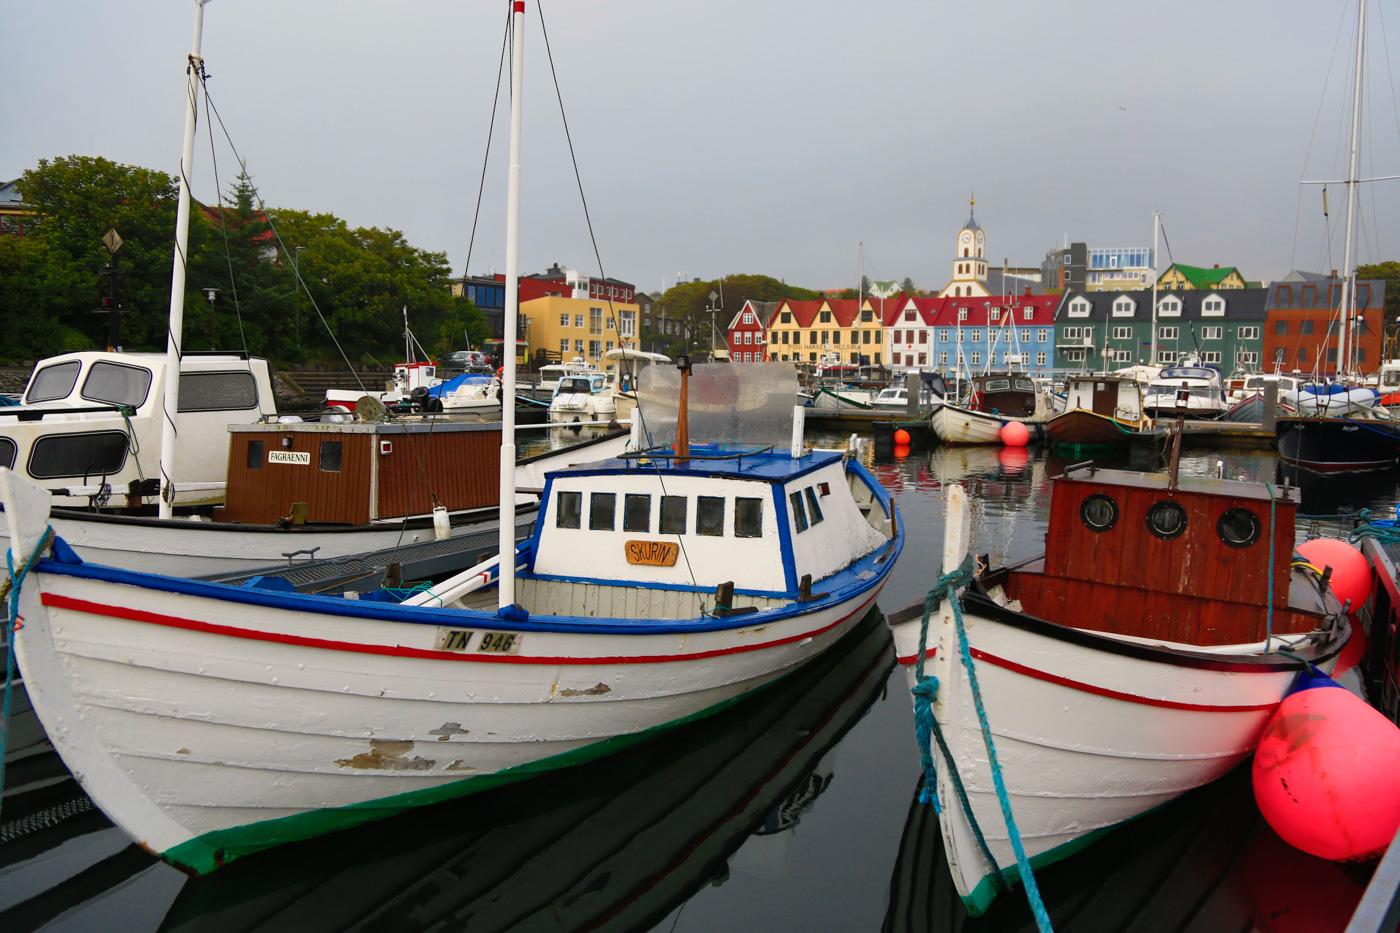 iles-feroe-torshavn (4)